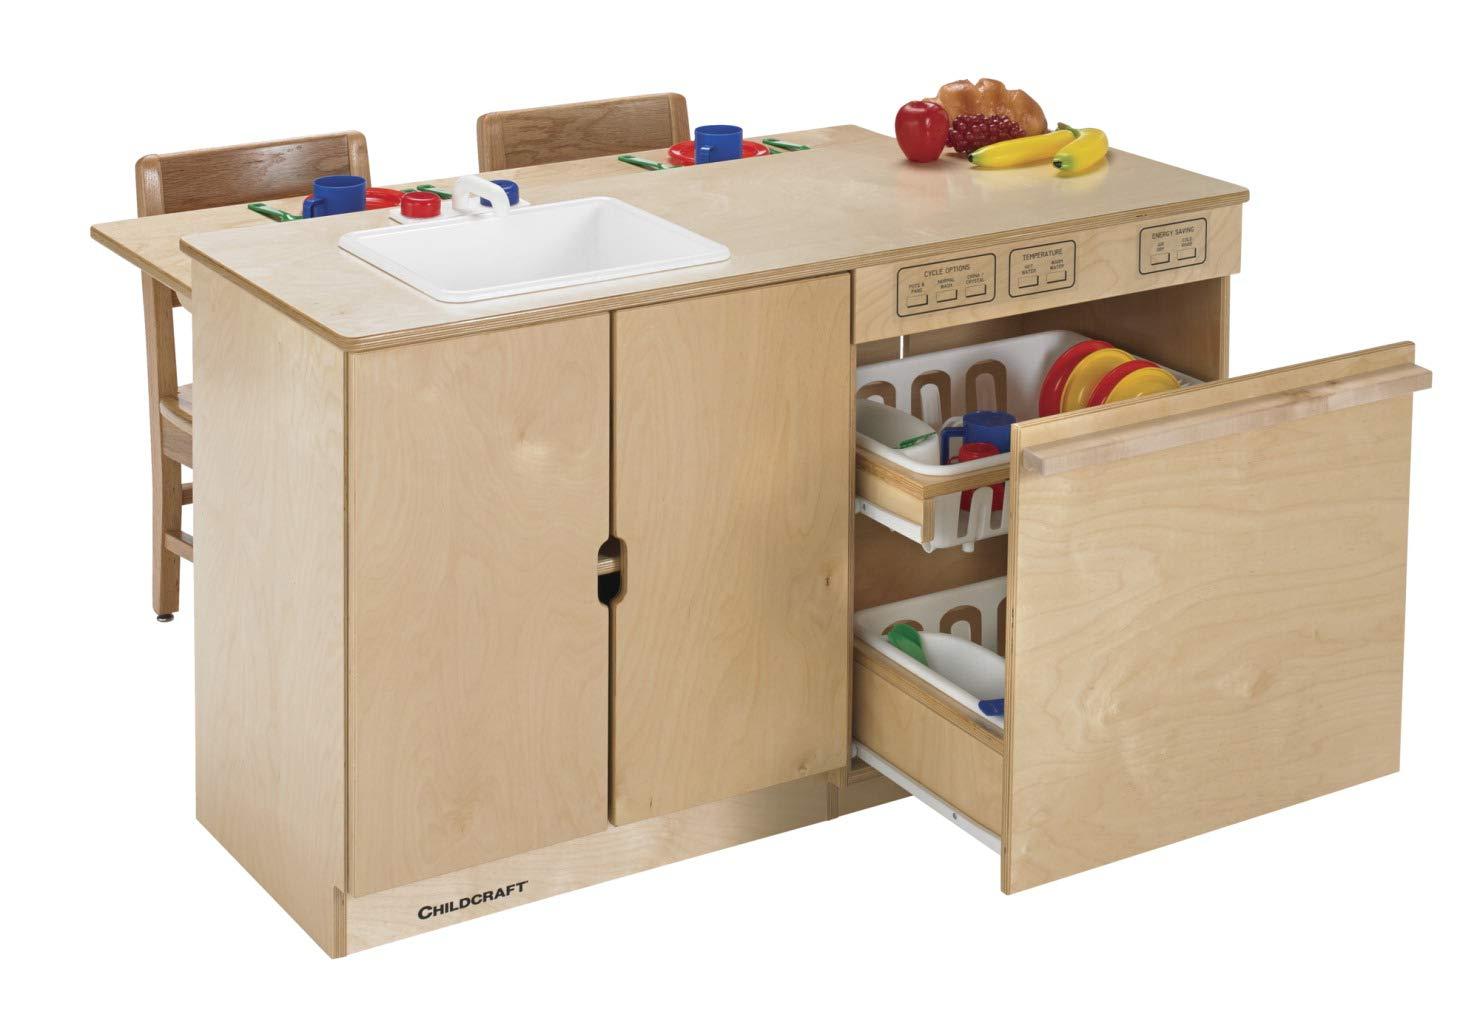 Childcraft モダンキッチンシンクと食器洗い機コンボ 43-1/2 x 29-3/4 x 24-3/8インチ   B079SWCWZJ